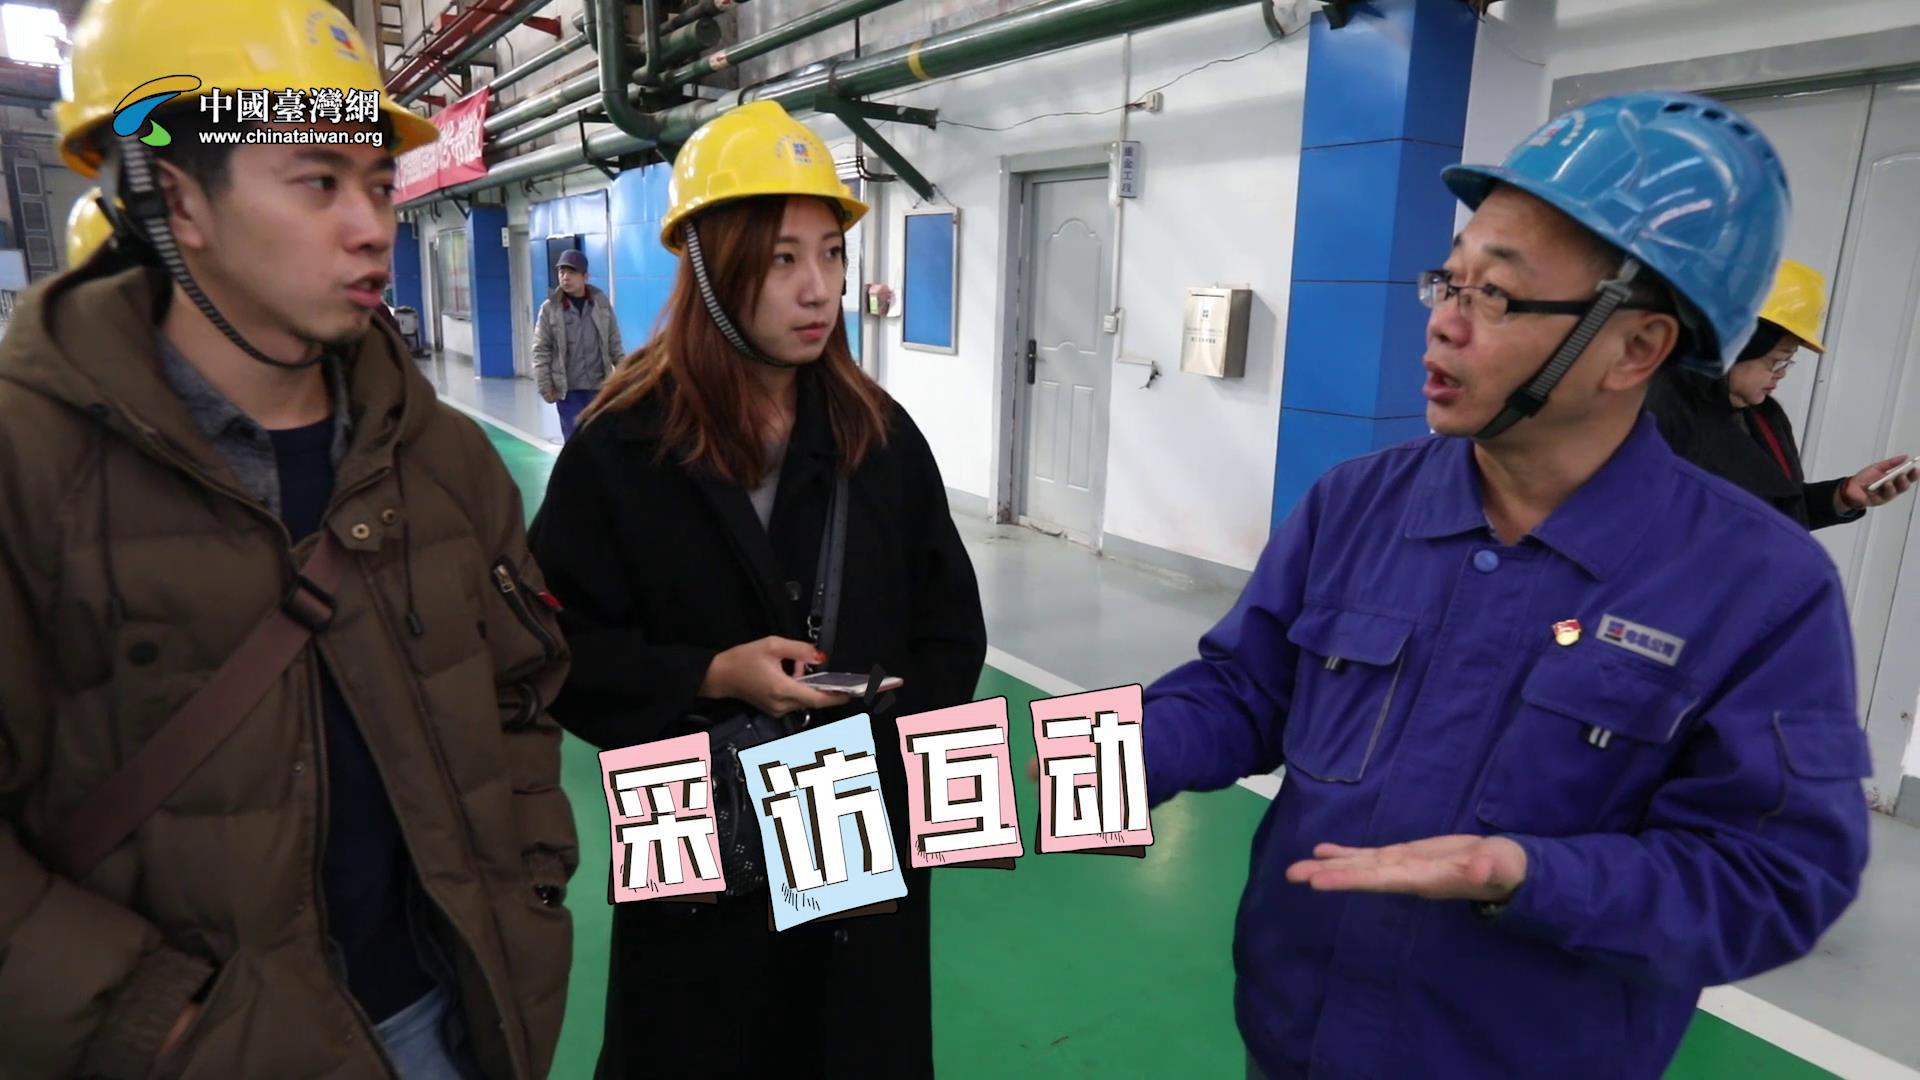 【黑龙江篇】台湾媒体人走访东北重工业特辑图片